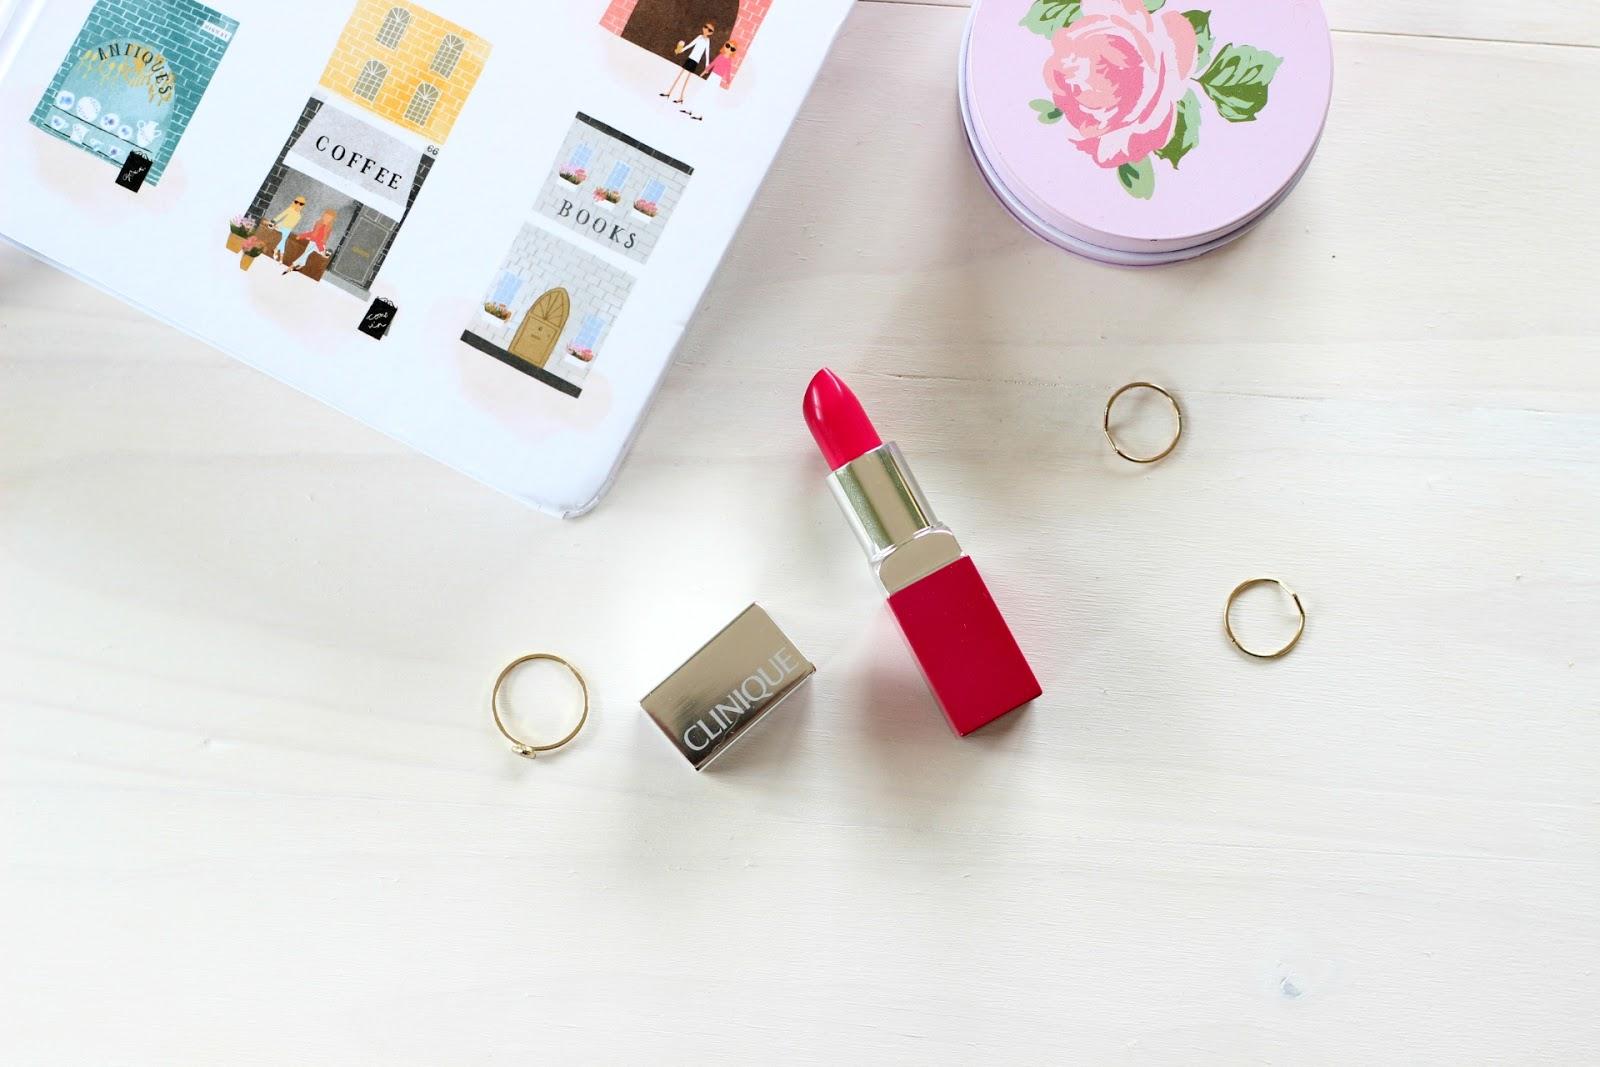 Clinique Punch Pop Lipstick